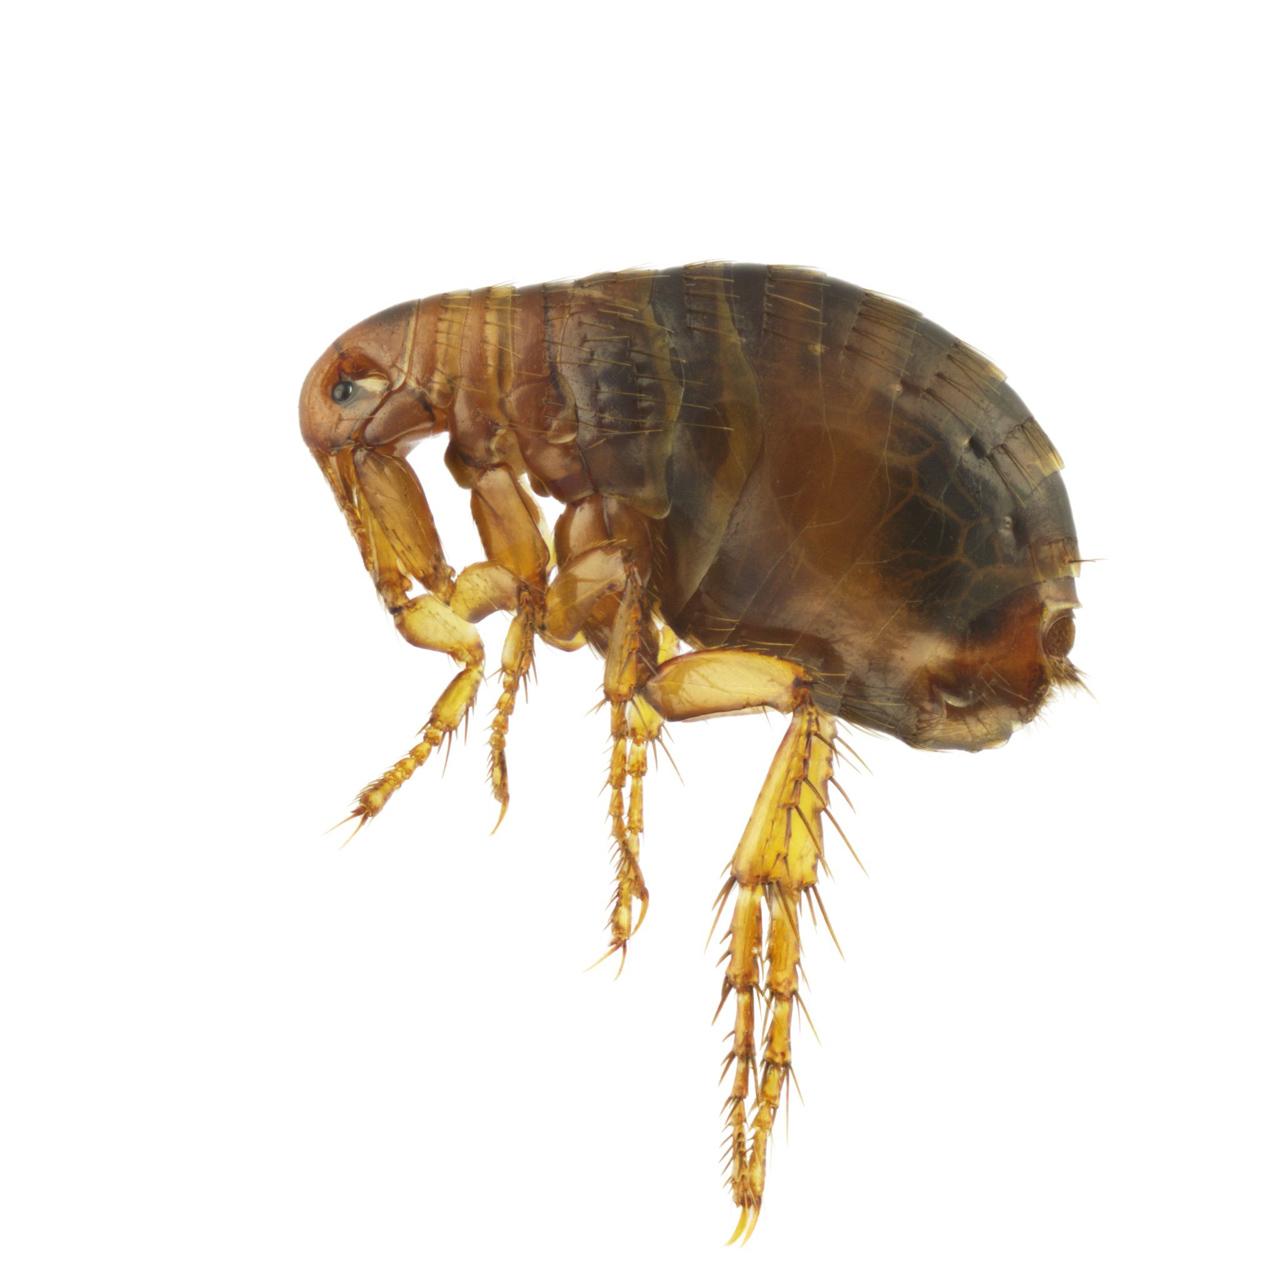 Flöhe sind sehr klein. So sieht ein Menschenfloh (Pulex irritans) in der Nahansicht aus.